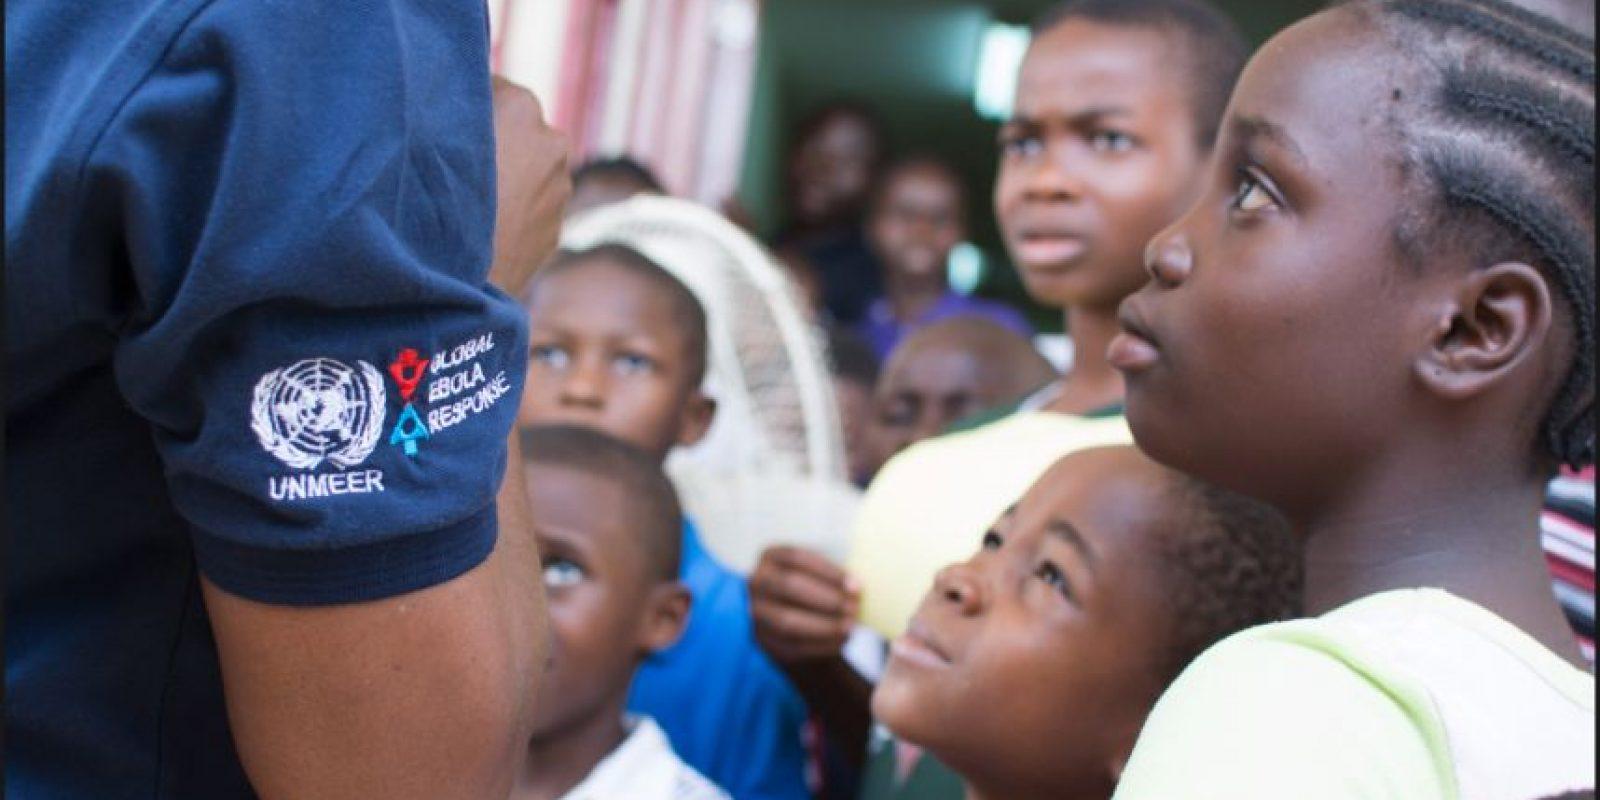 Este nombre proviene del río Ébola (en la República Democrática del Congo, antiguo Zaire) Foto:flickr.com/photos/unmeer/